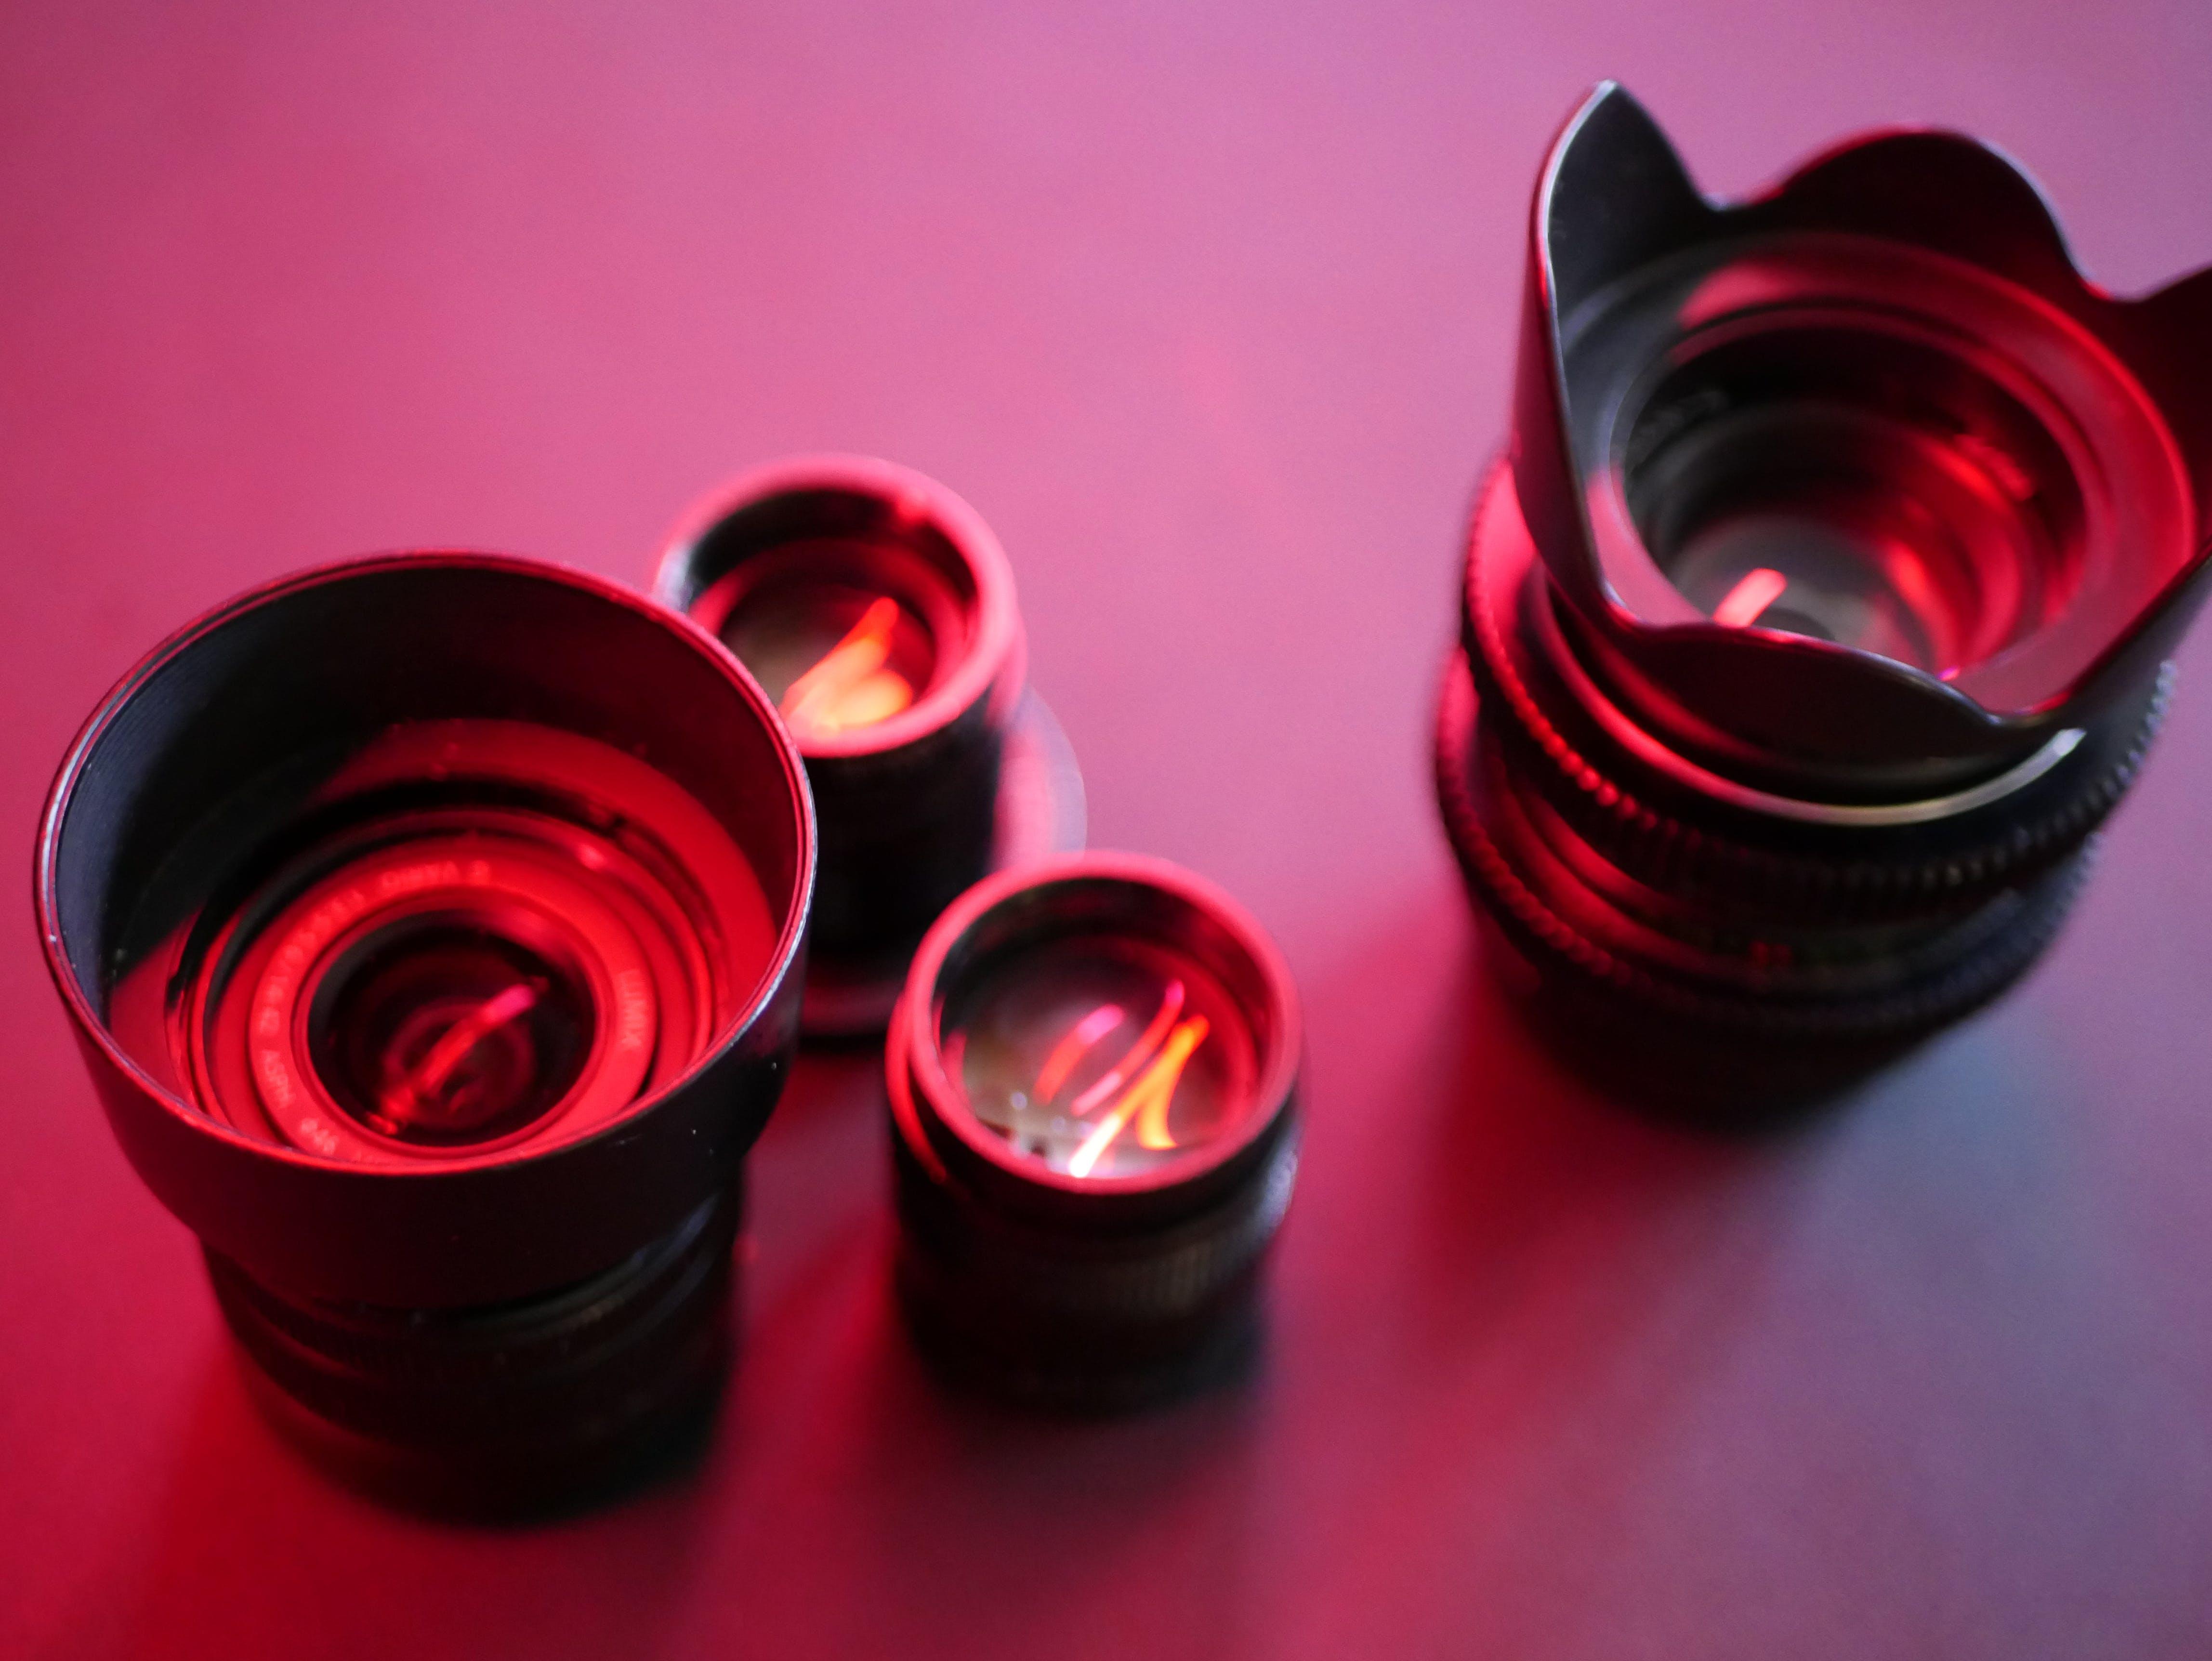 Gratis arkivbilde med kameralinse, kamerautstyr, linse